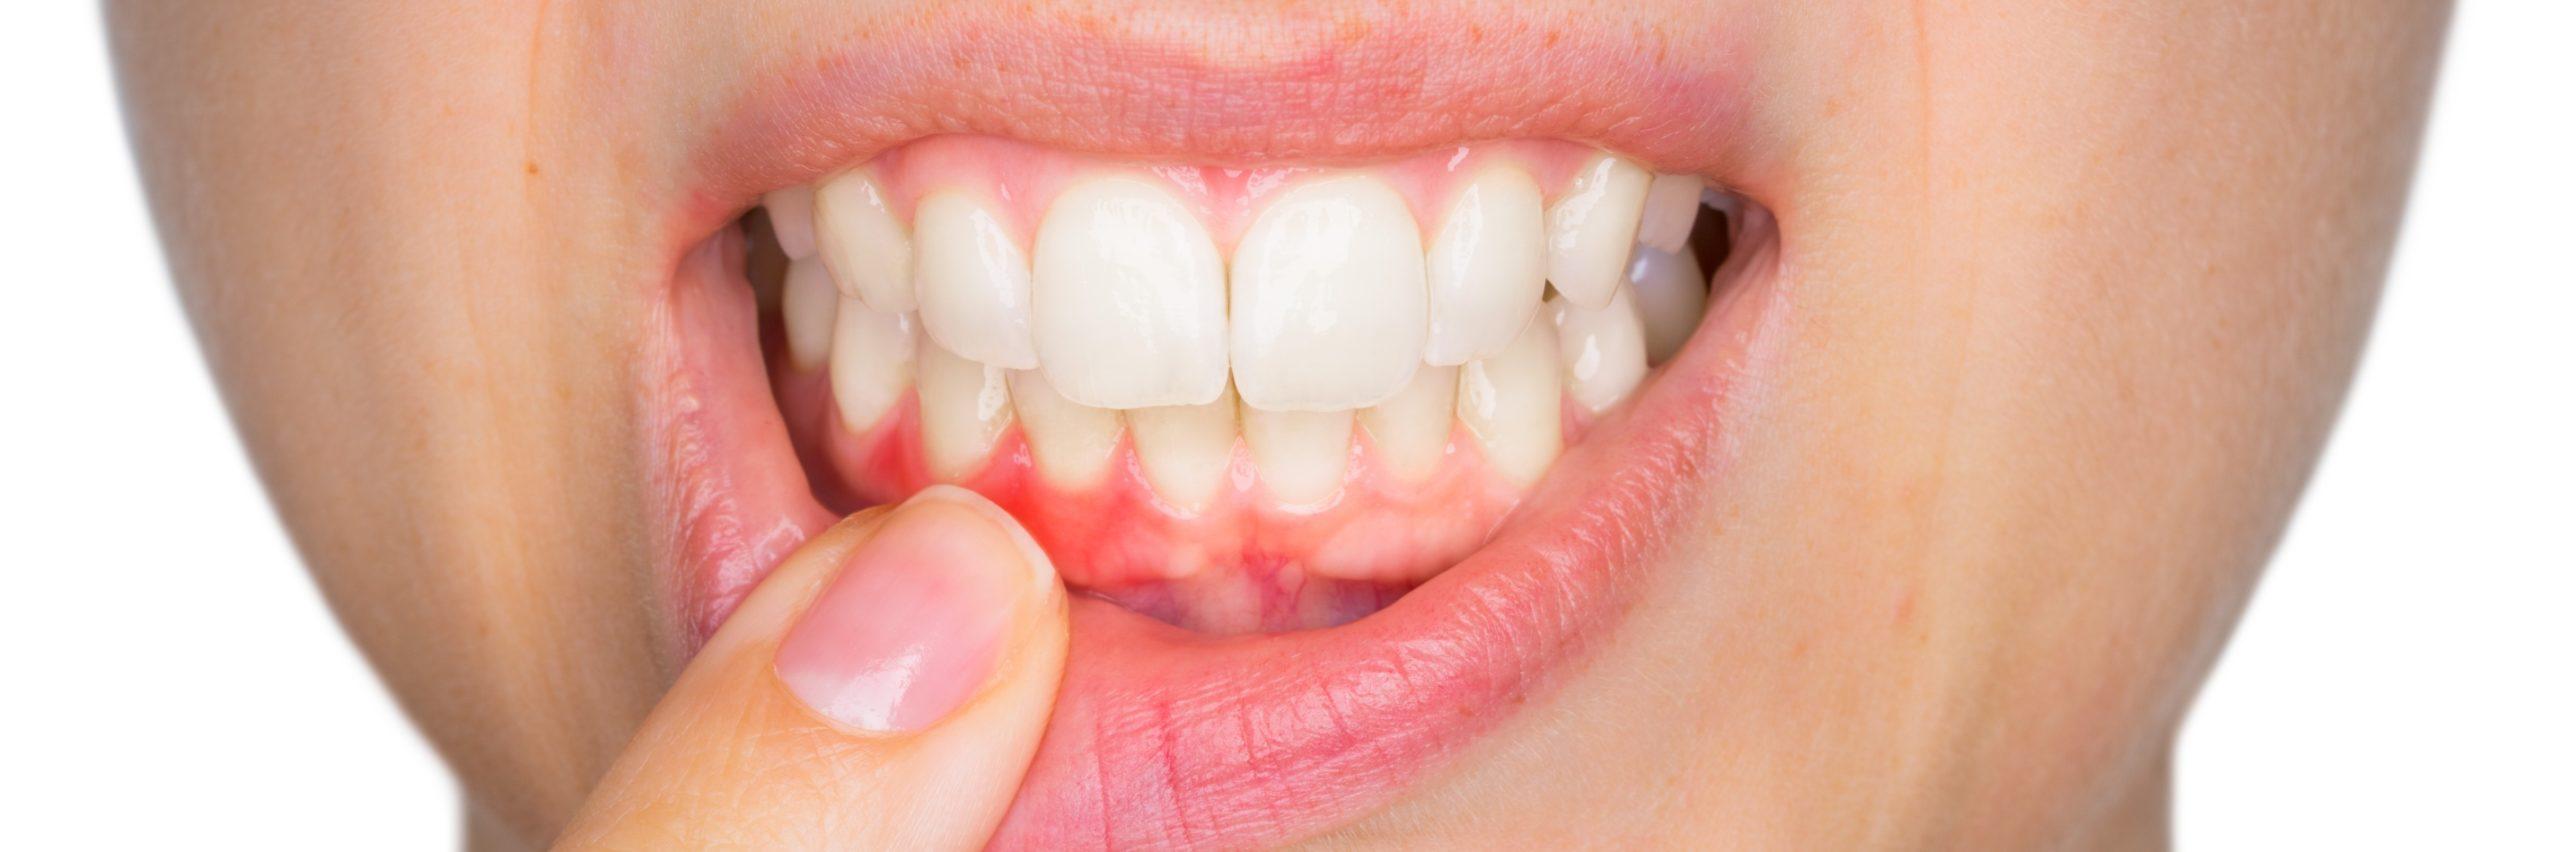 Vous souffrez de problèmes de bouche ?